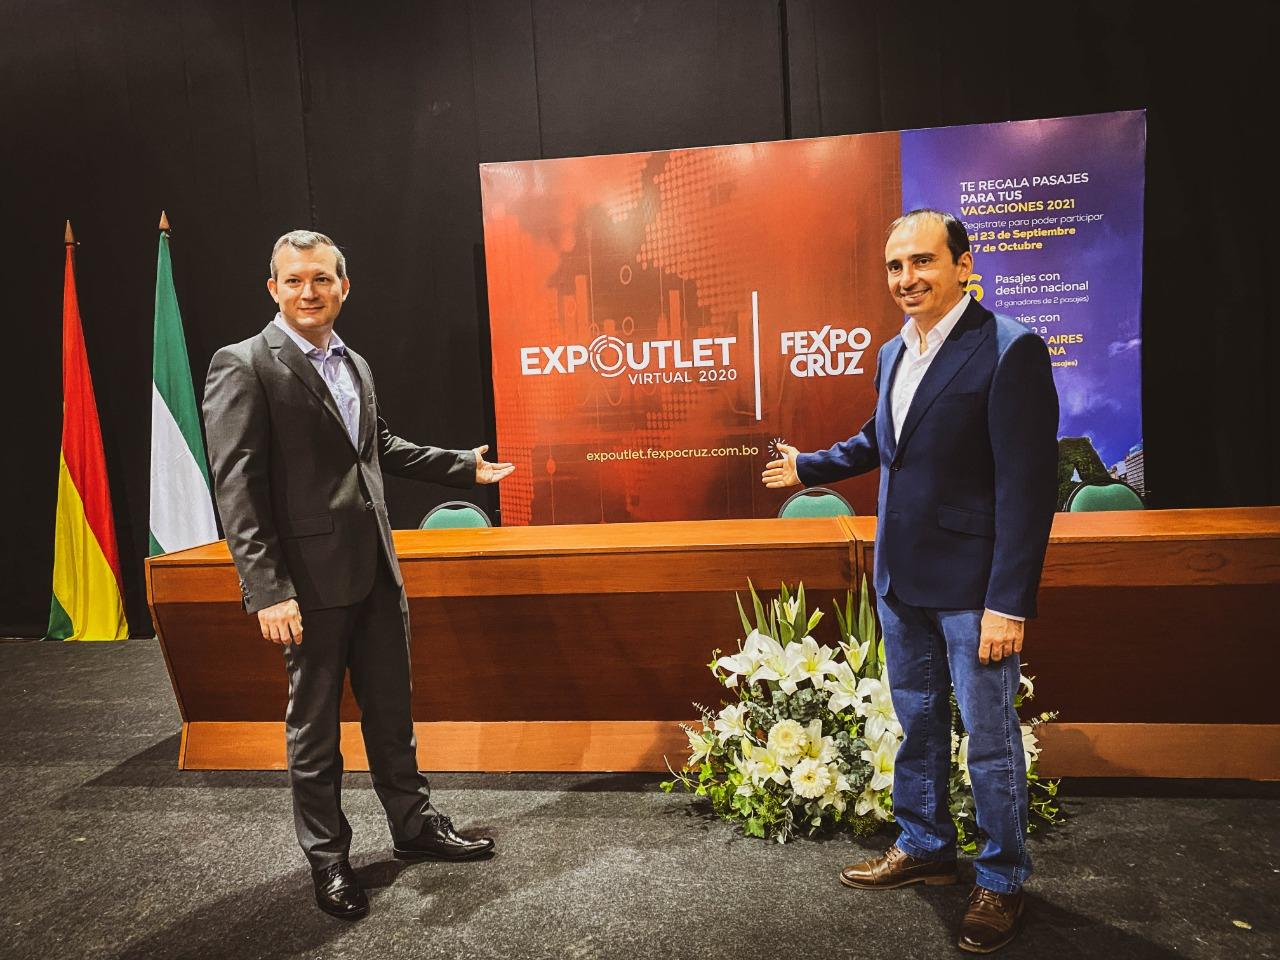 Arranca Expo Outlet, la feria multisectorial virtual que busca impulsar la reactivación económica del país